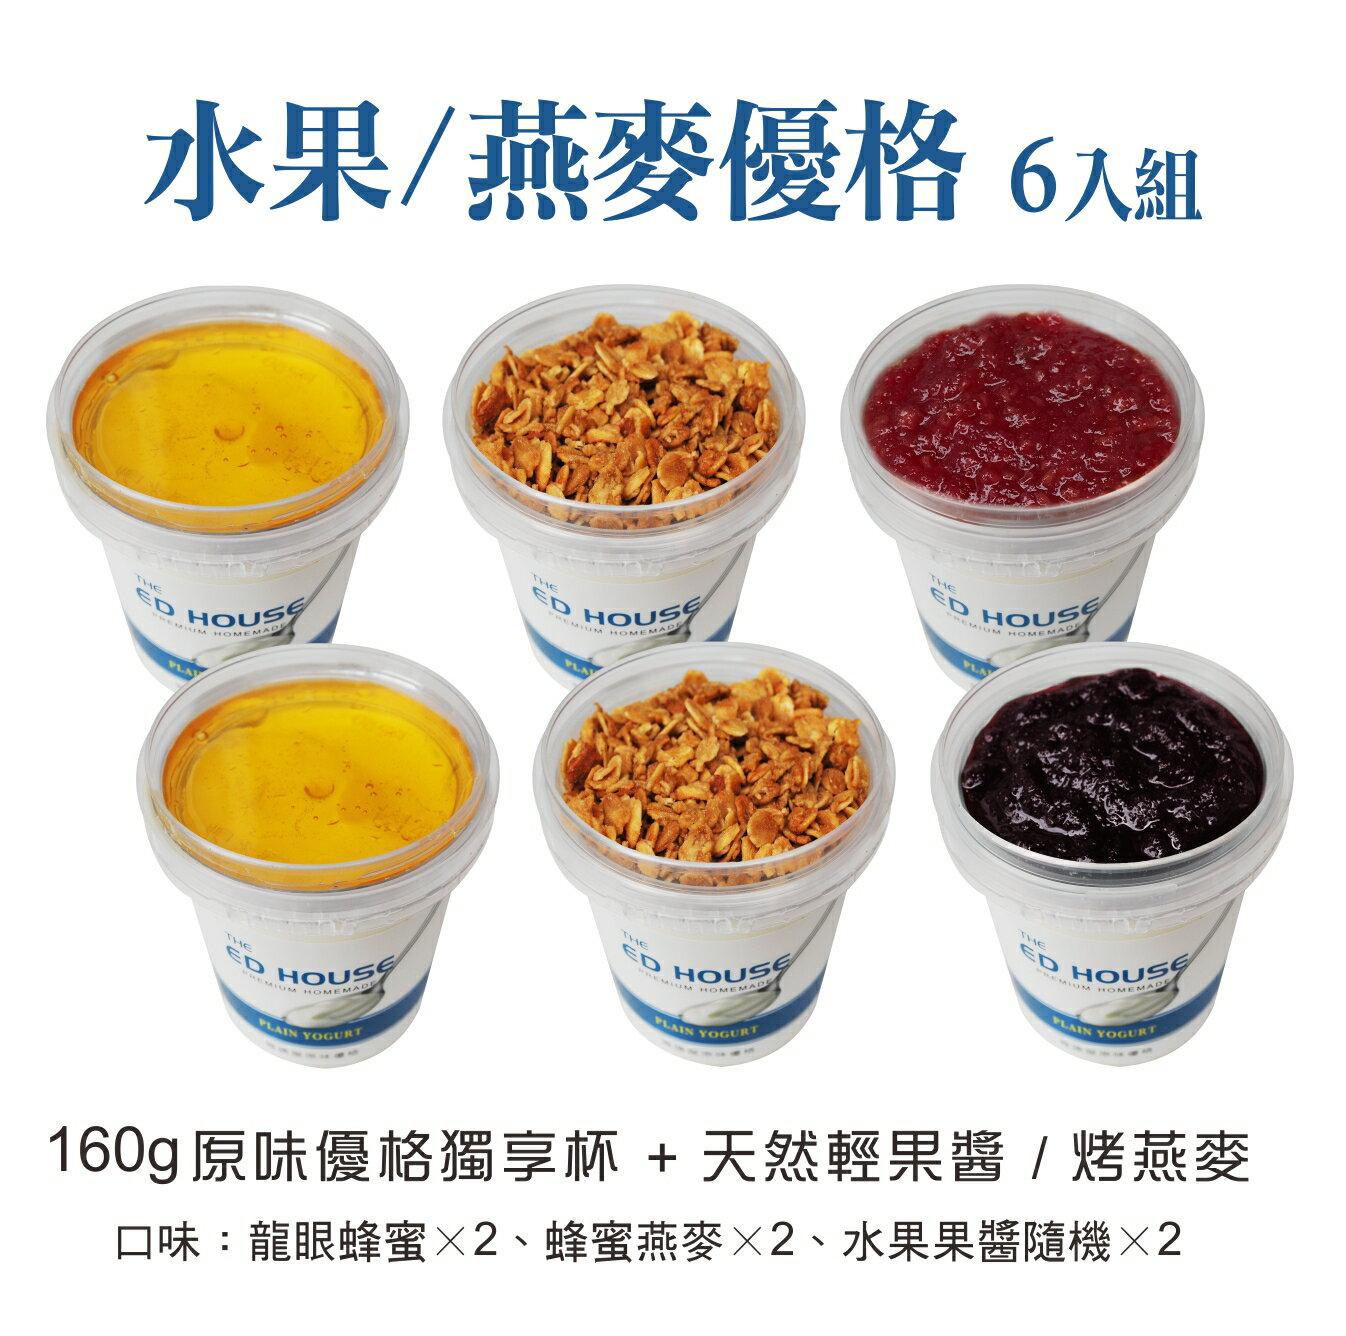 水果/燕麥優格【獨享杯】6杯組  健康 腸胃 發酵乳 麥片 果醬 蜂蜜